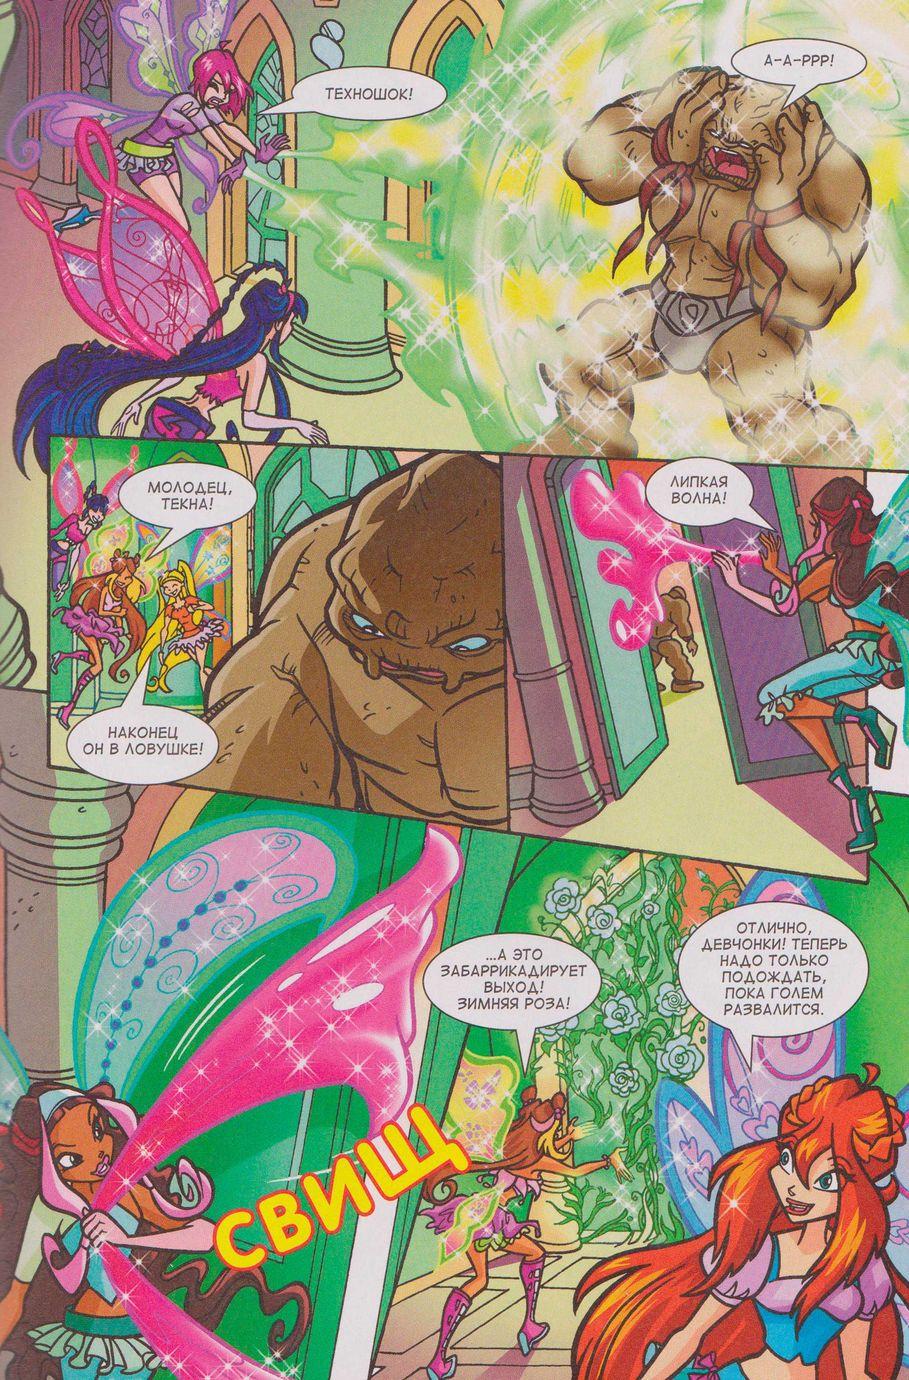 Комикс Винкс Winx - Лучшие диджеи Боб Синклер & Дэвид Гетта (Журнал Винкс №4 2012) - стр. 41